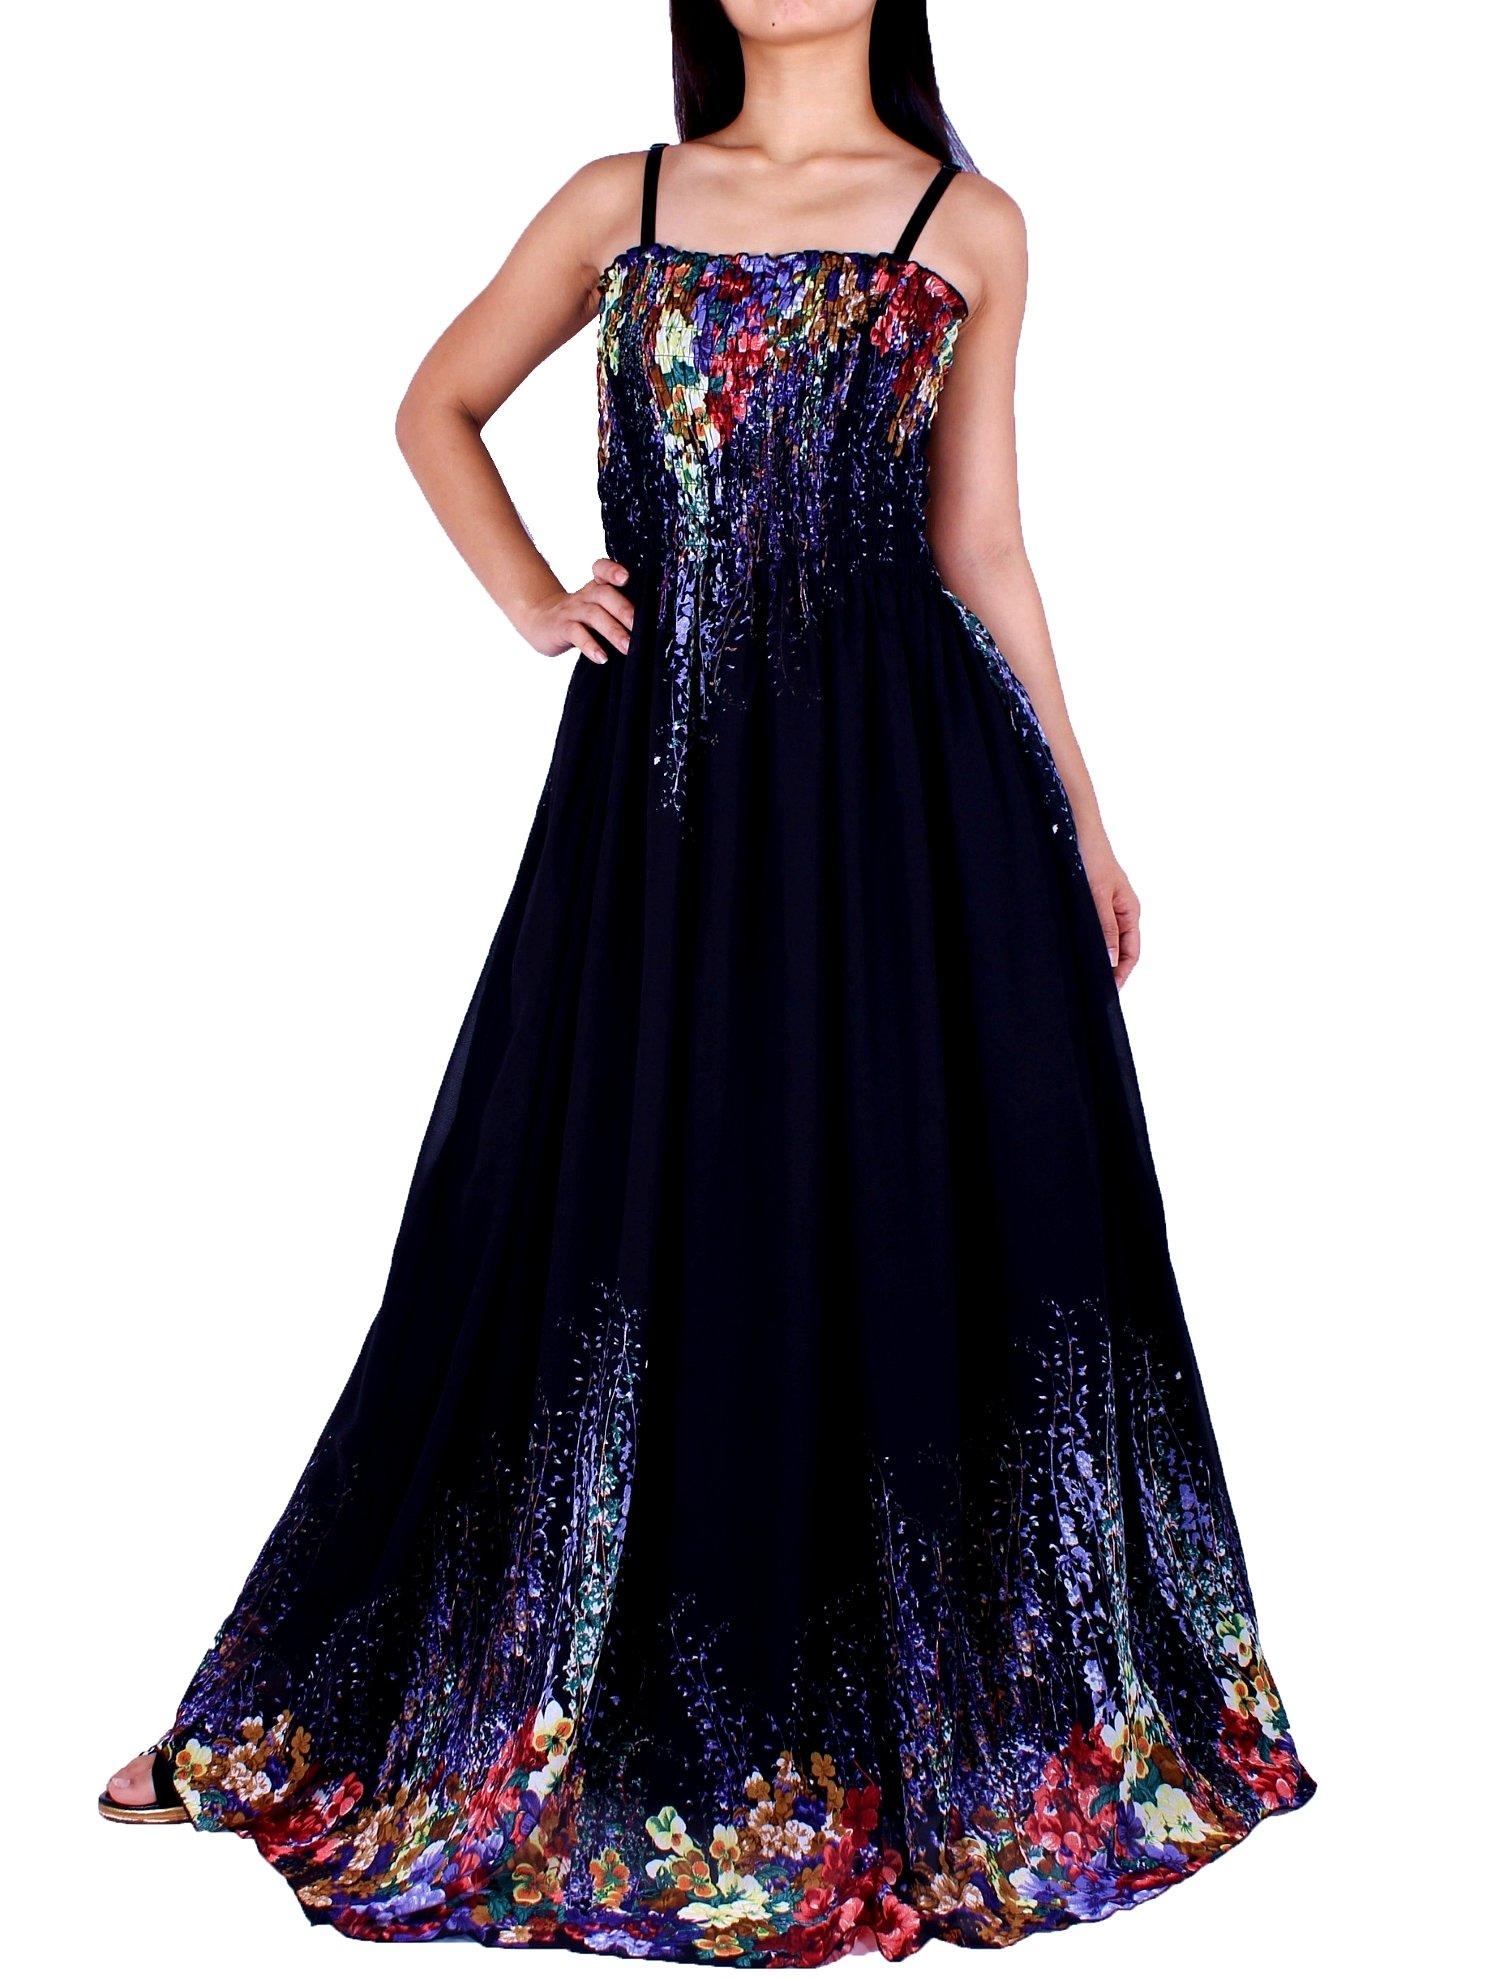 3e96c0818bab ... Plus MayriDress Maxi Dress Plus Size Clothing Black Ball Gala Party  Sundress Designer (5X